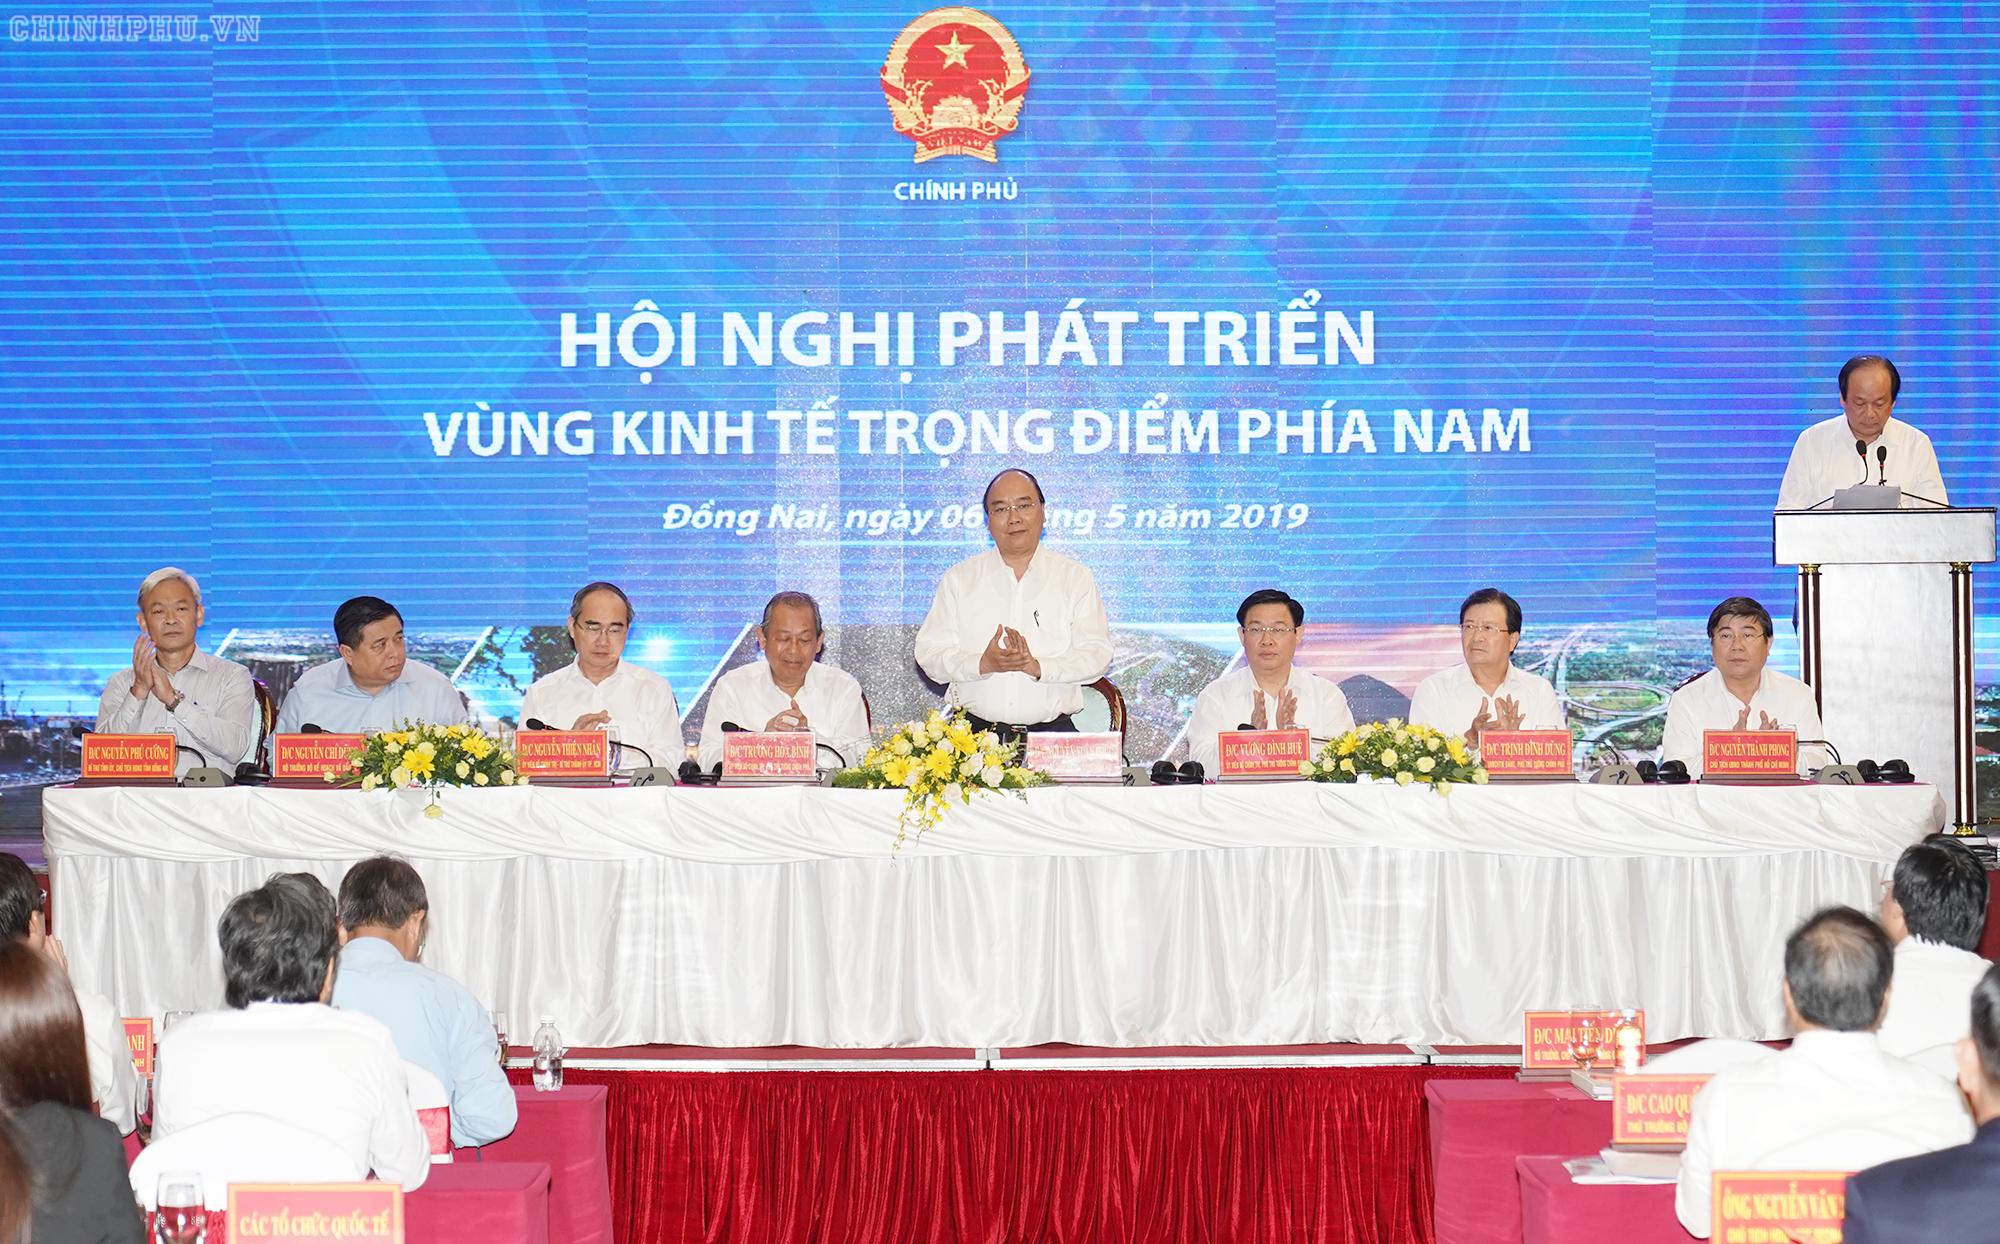 Thúc đẩy liên kết vùng, phát triển KT-XH và tạo thuận lợi nhất cho người dân